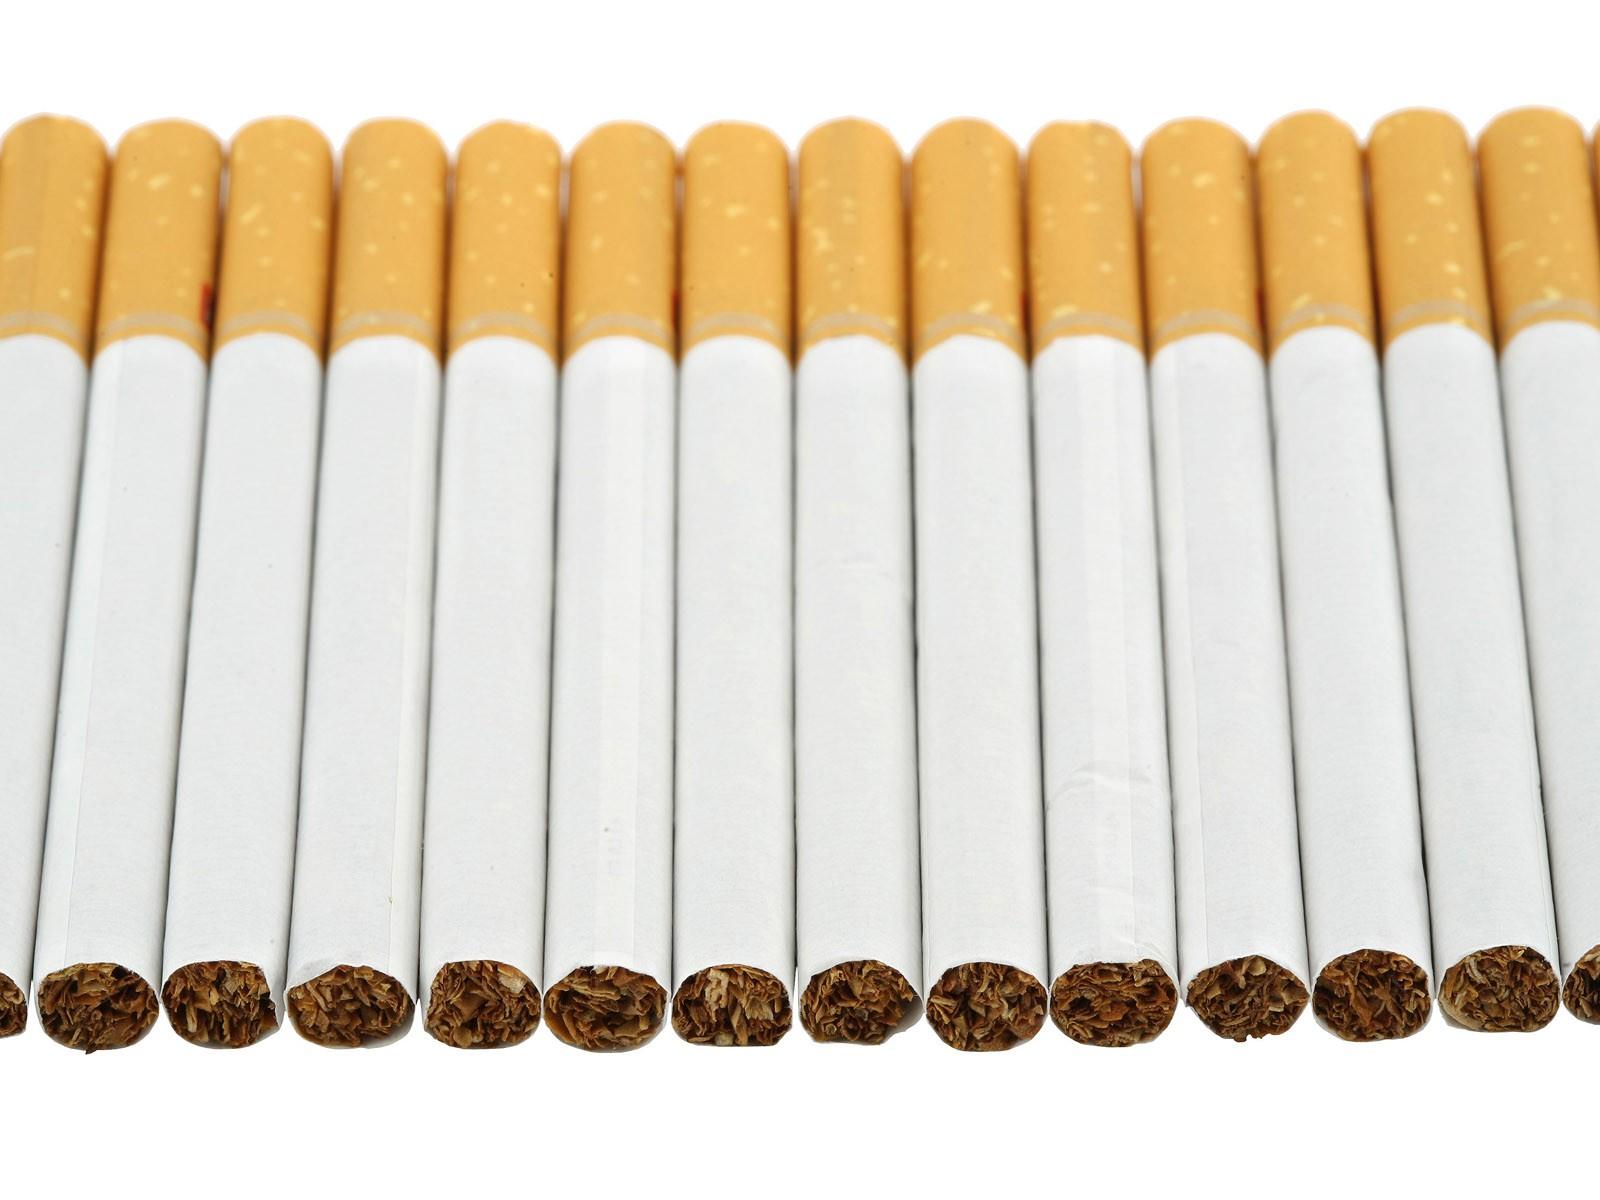 В Астрахани пограничники задержали партию сигарет из Казахстана под видом макарон, Астрахань, Пограничник, Сигареты, Макароны